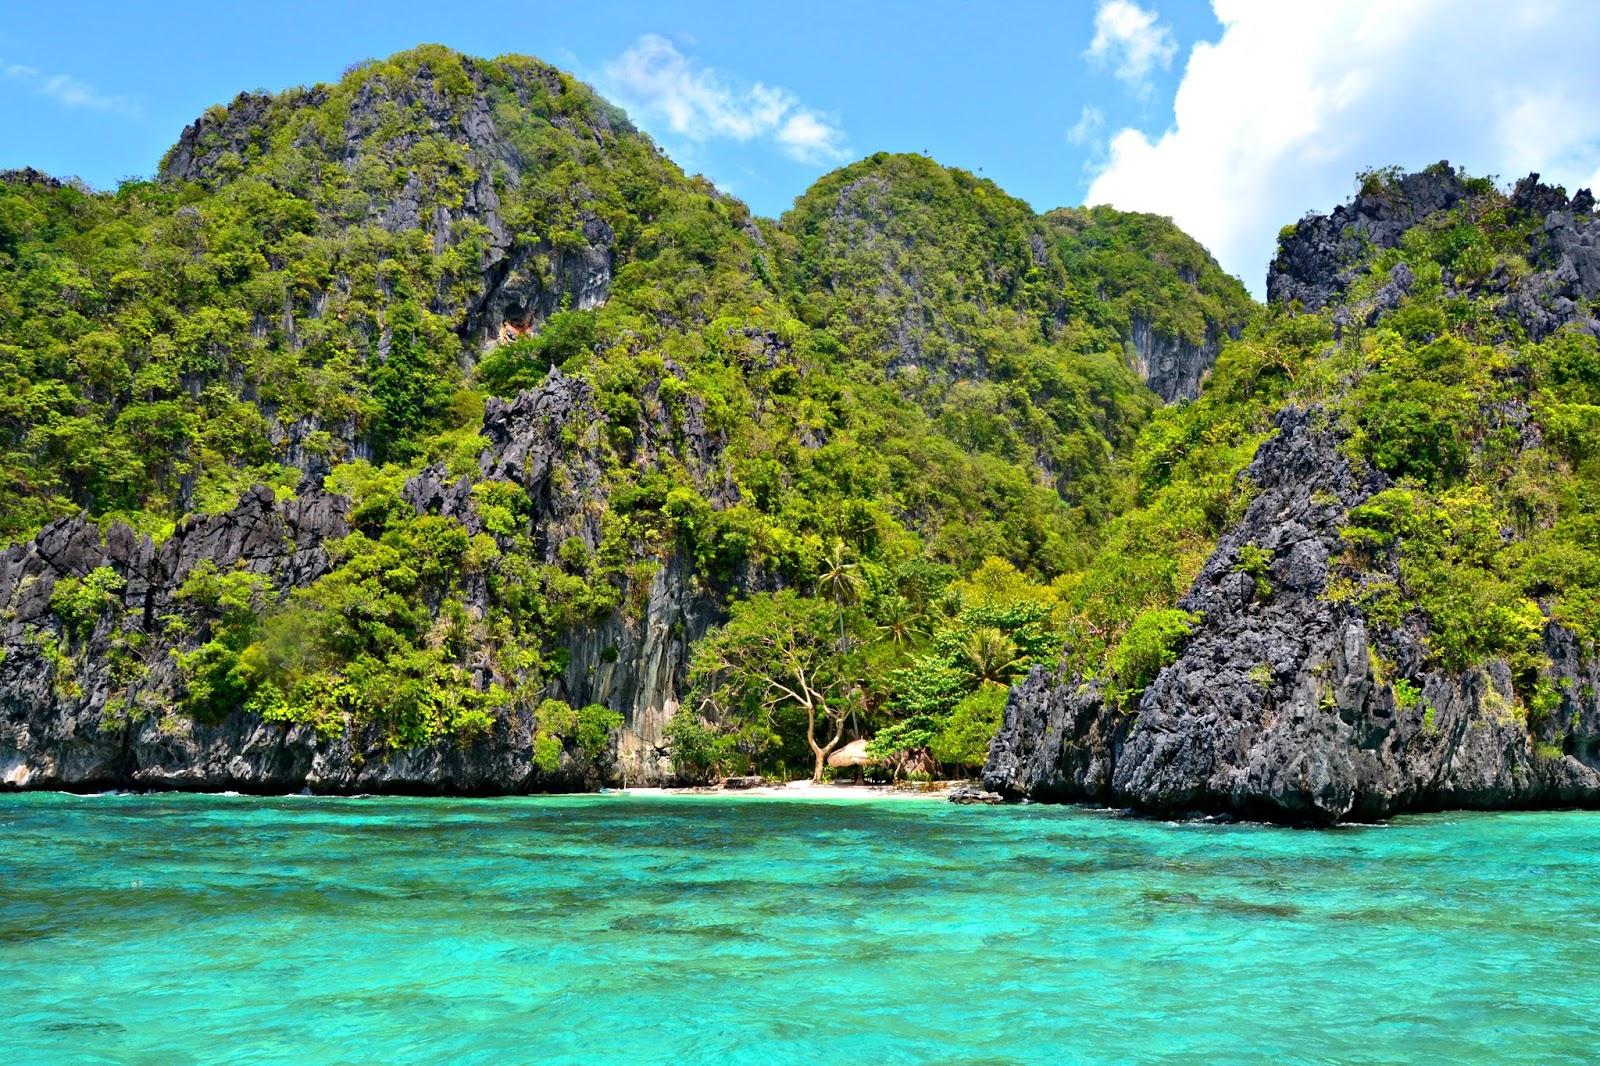 Palawan: Big Lagoon